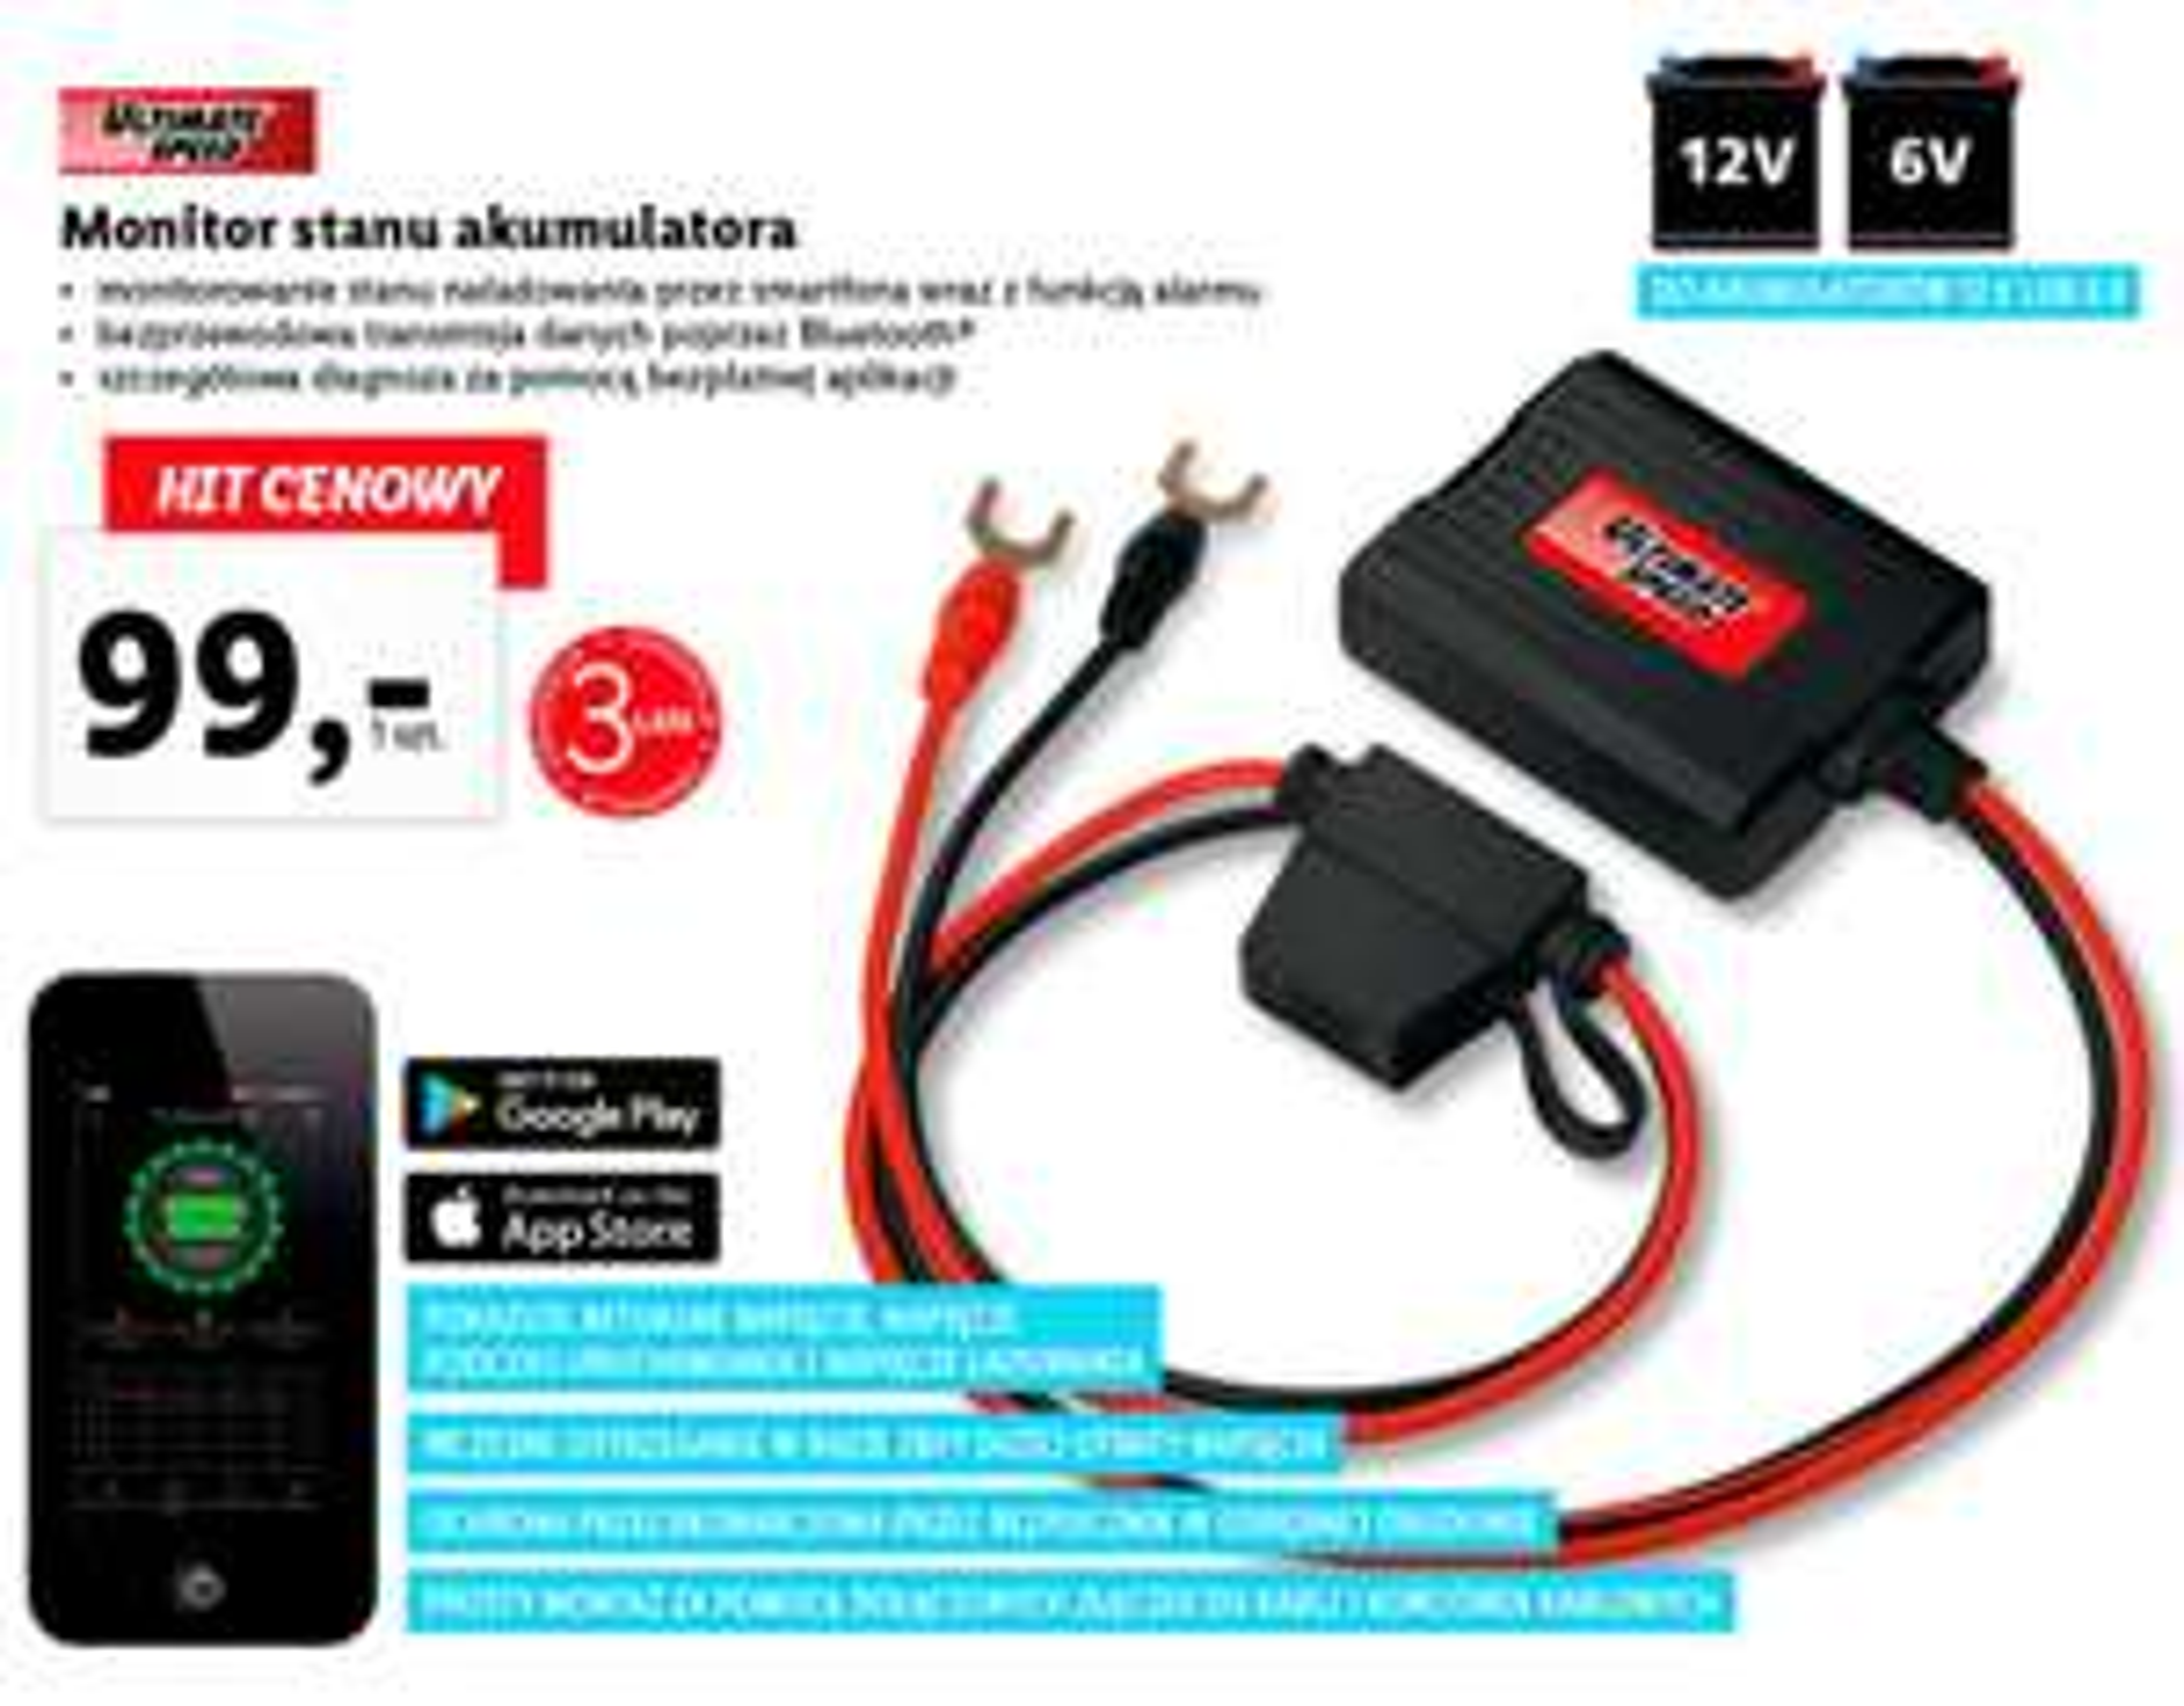 Monitor stanu akumulatora